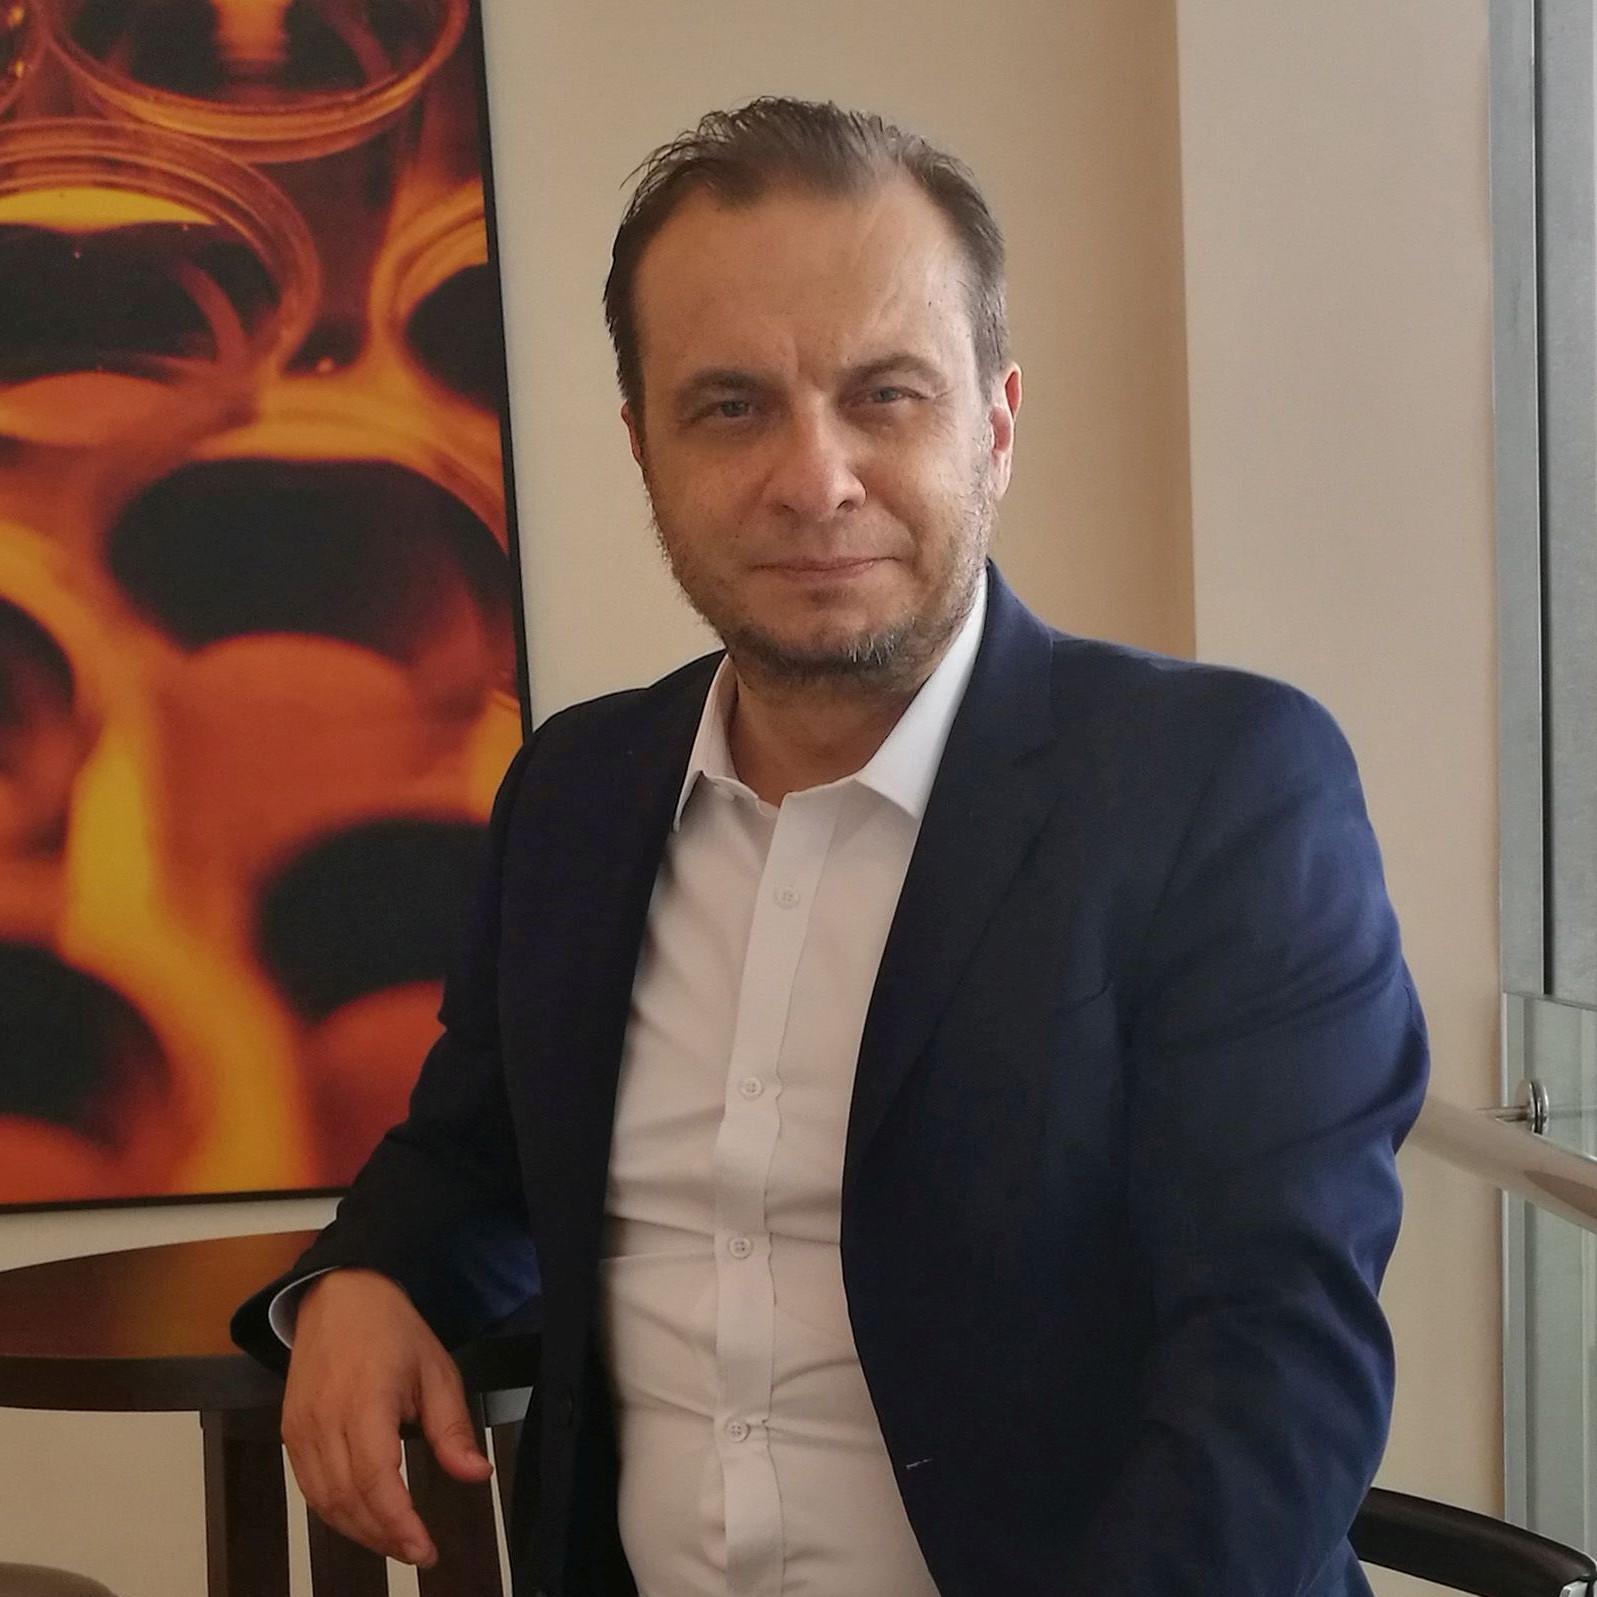 Christoph Szakowski